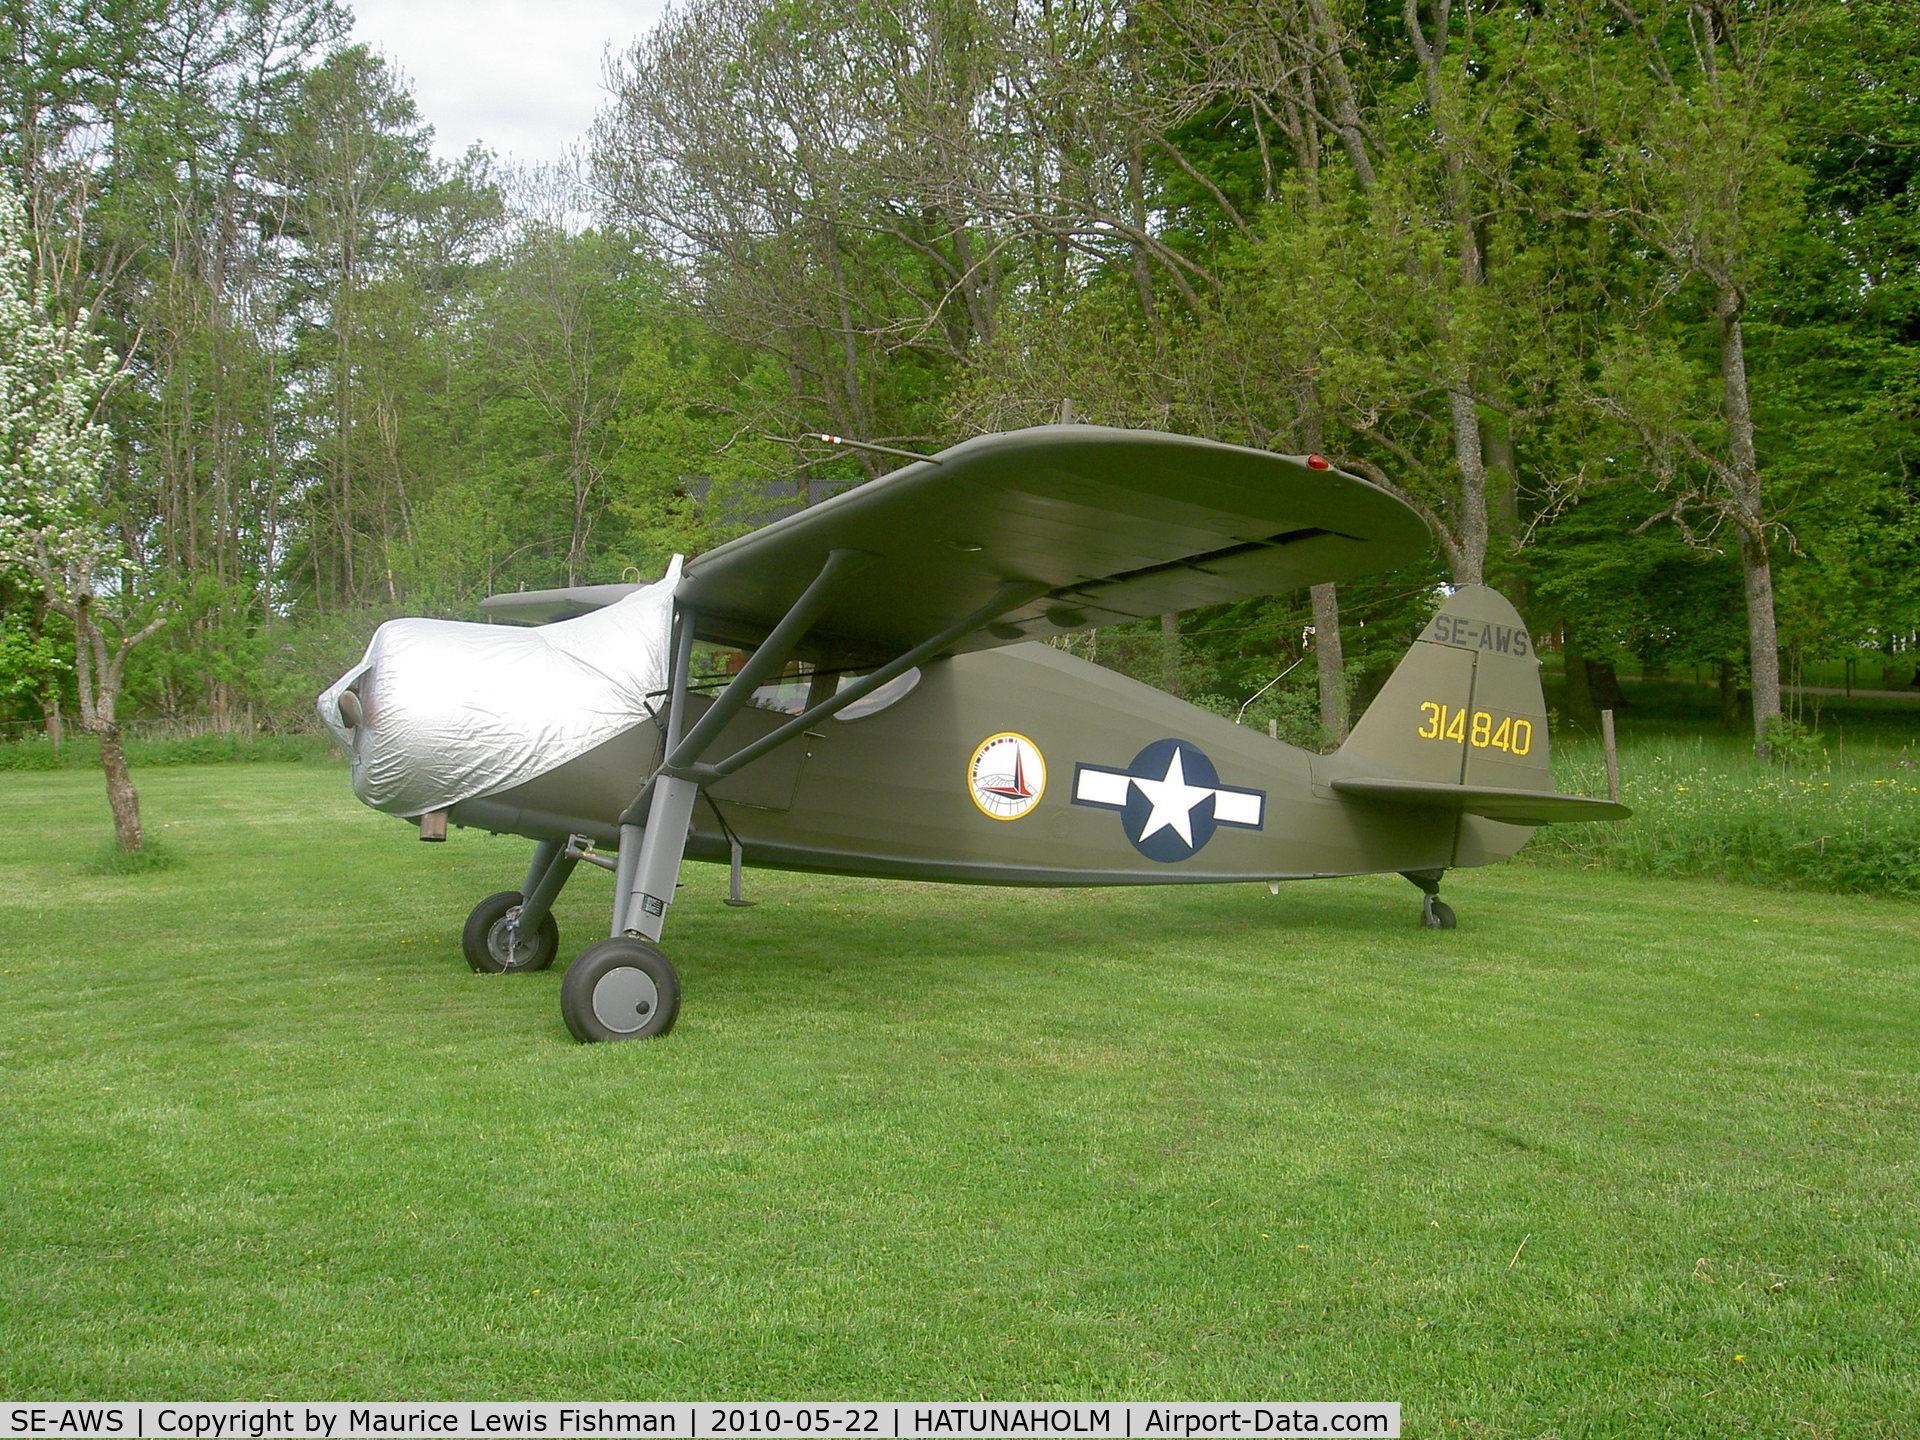 SE-AWS, 1943 Fairchild UC-61A Argus II (24W-41A) C/N 804, Fairchild UC-61A Argus II, c/n: 804